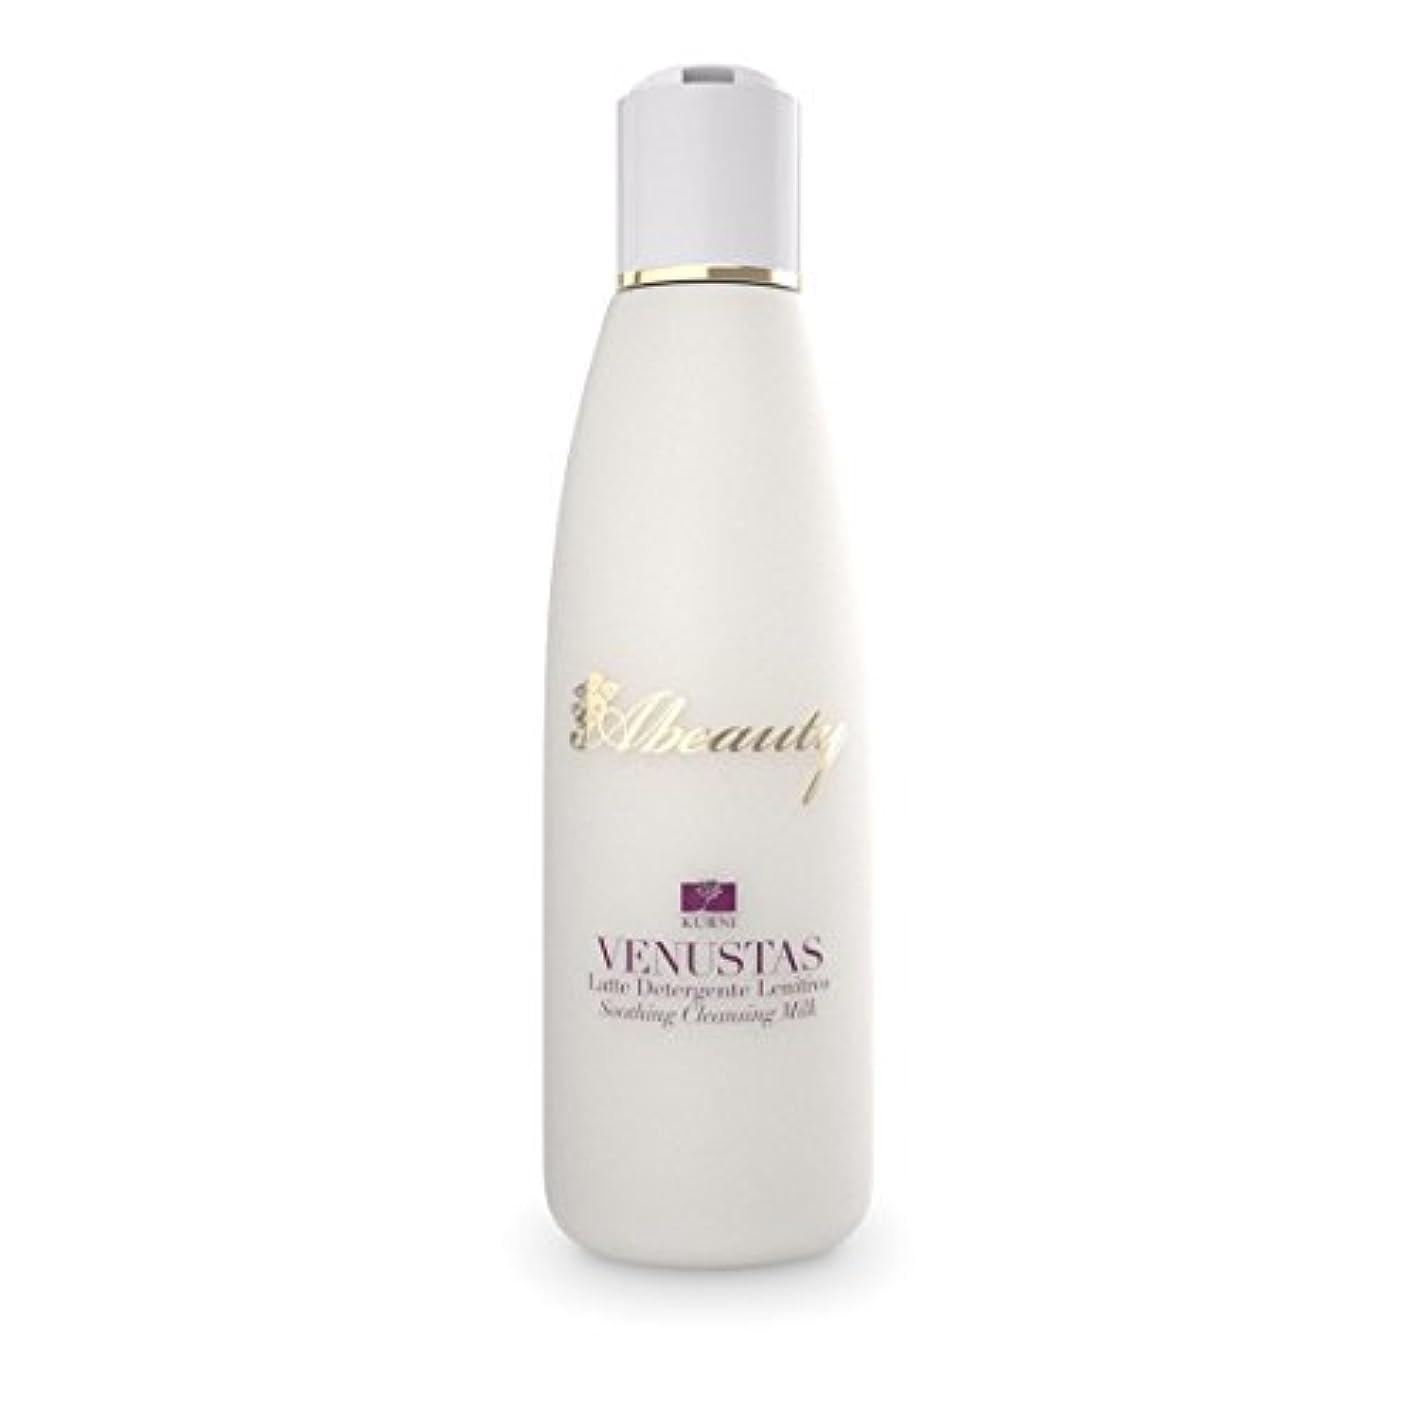 作者謎ナイロンAbeauty No.1のベストデリケート敏感肌用クレンザーVenustasスージングクレンジングミルク、ワイン、6.76液量オンス